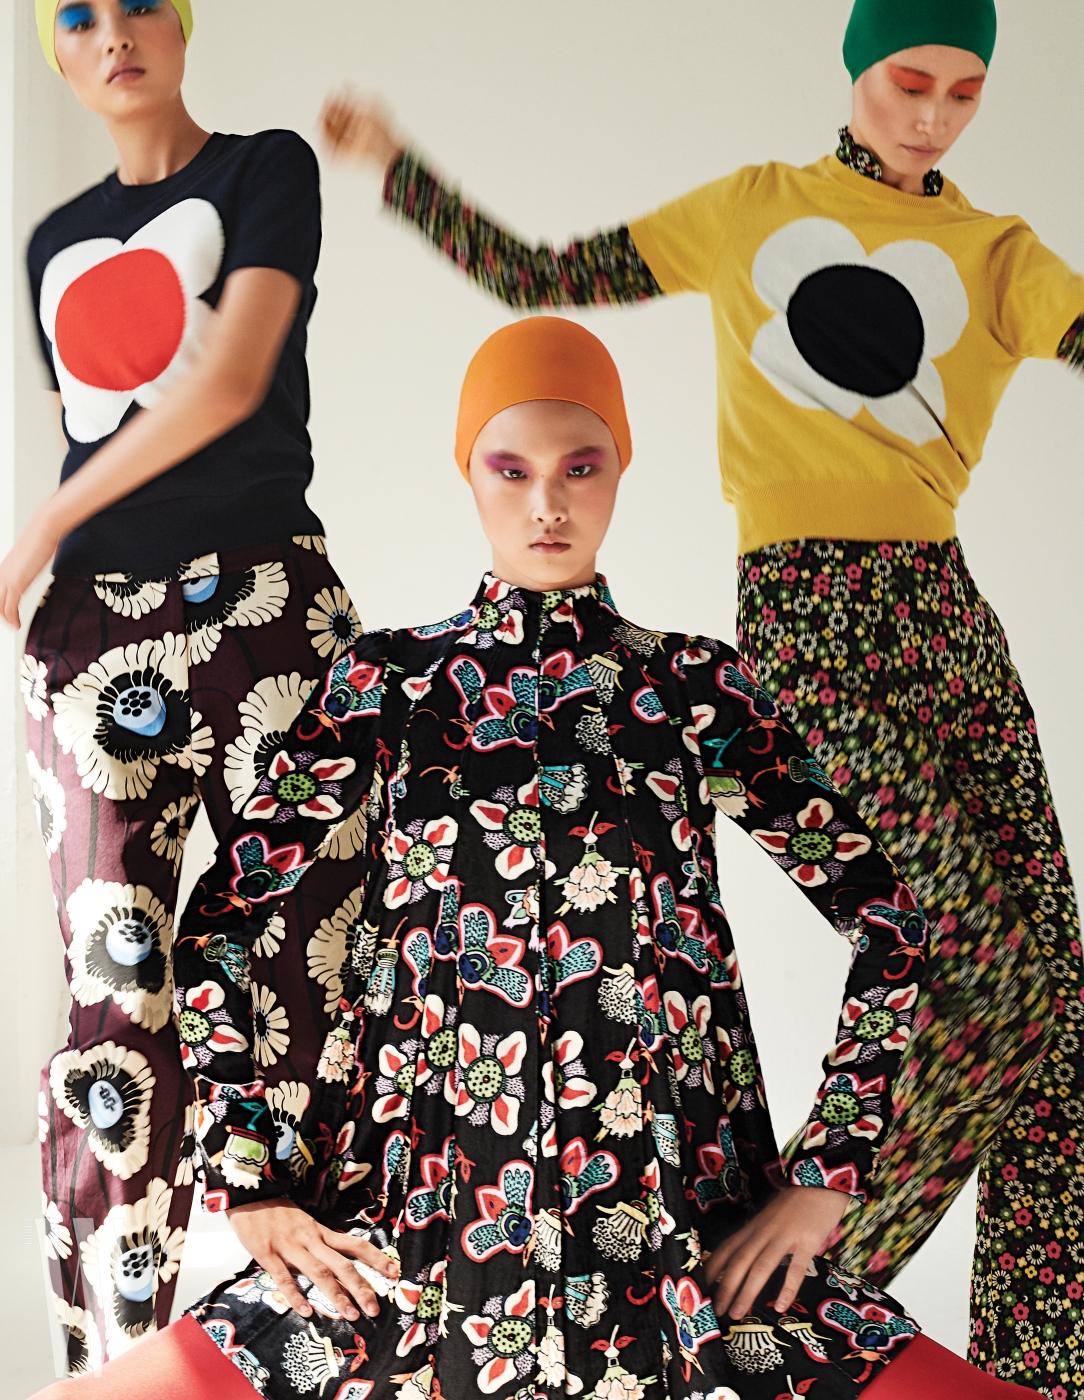 앨리스가 입은 벨벳 소재의 꽃무늬 드레스는 Garabani, 천예슬과 박세라가 입은 꽃무늬 패턴 니트와 블라우스, 꽃무늬 팬츠는 모두 Orla Kiely 제품.